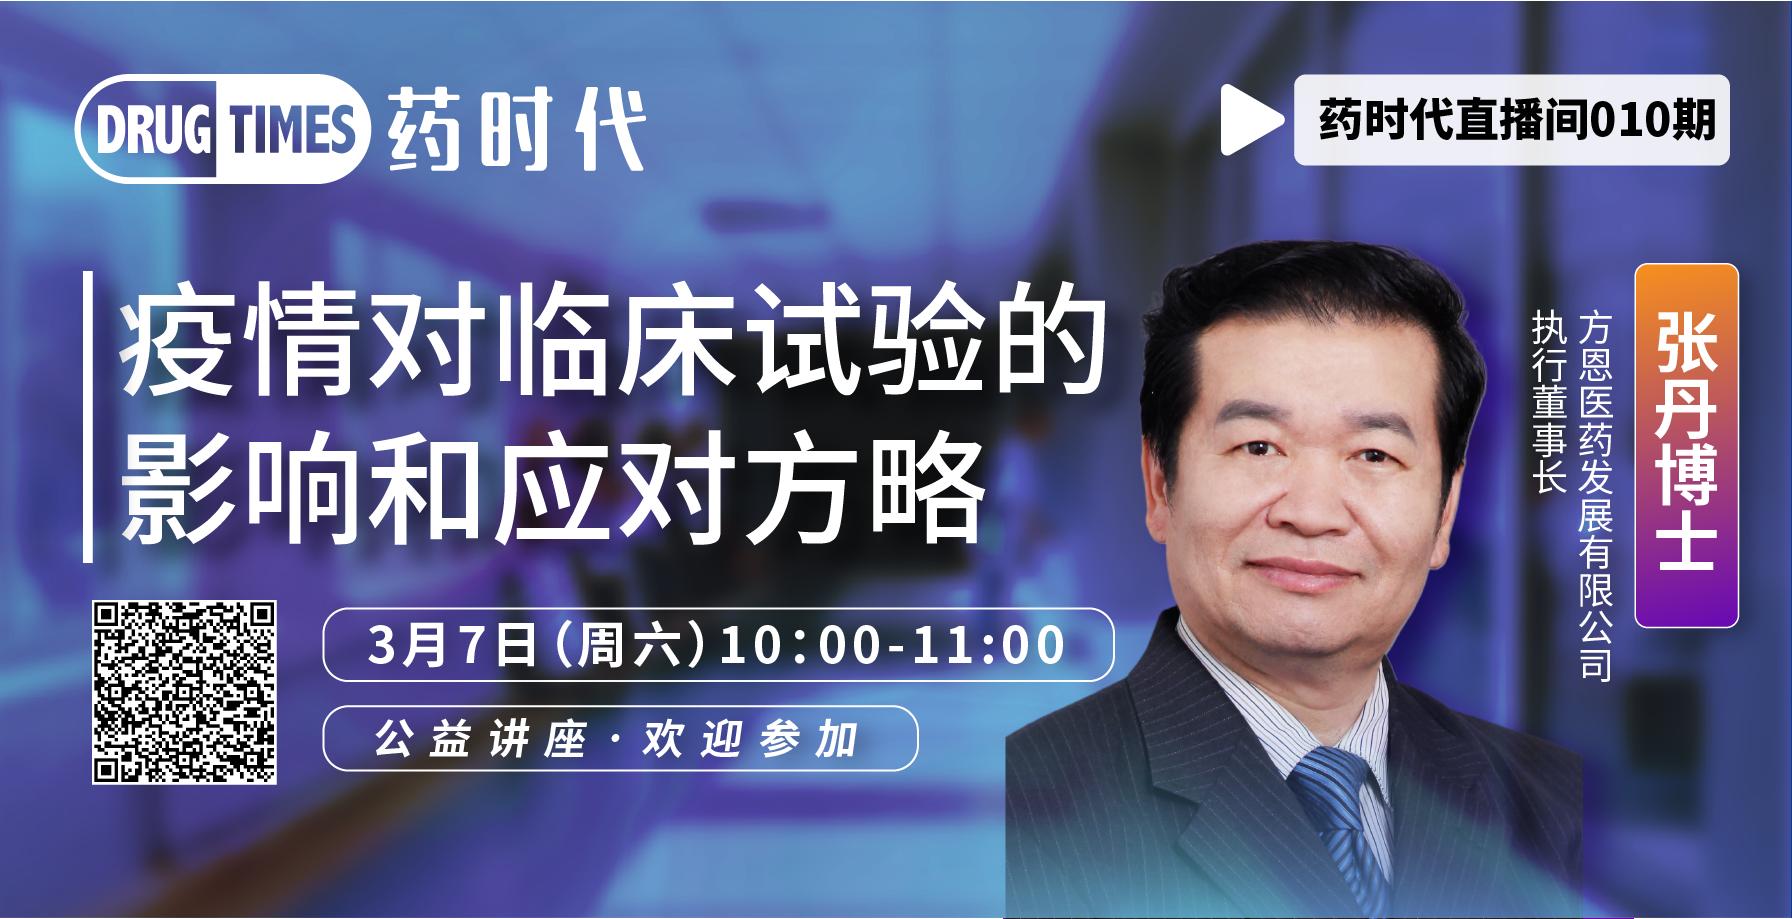 药时代直播间013期 | 思南峰会系列分享之CD47:田文志博士与申华琼博士主讲